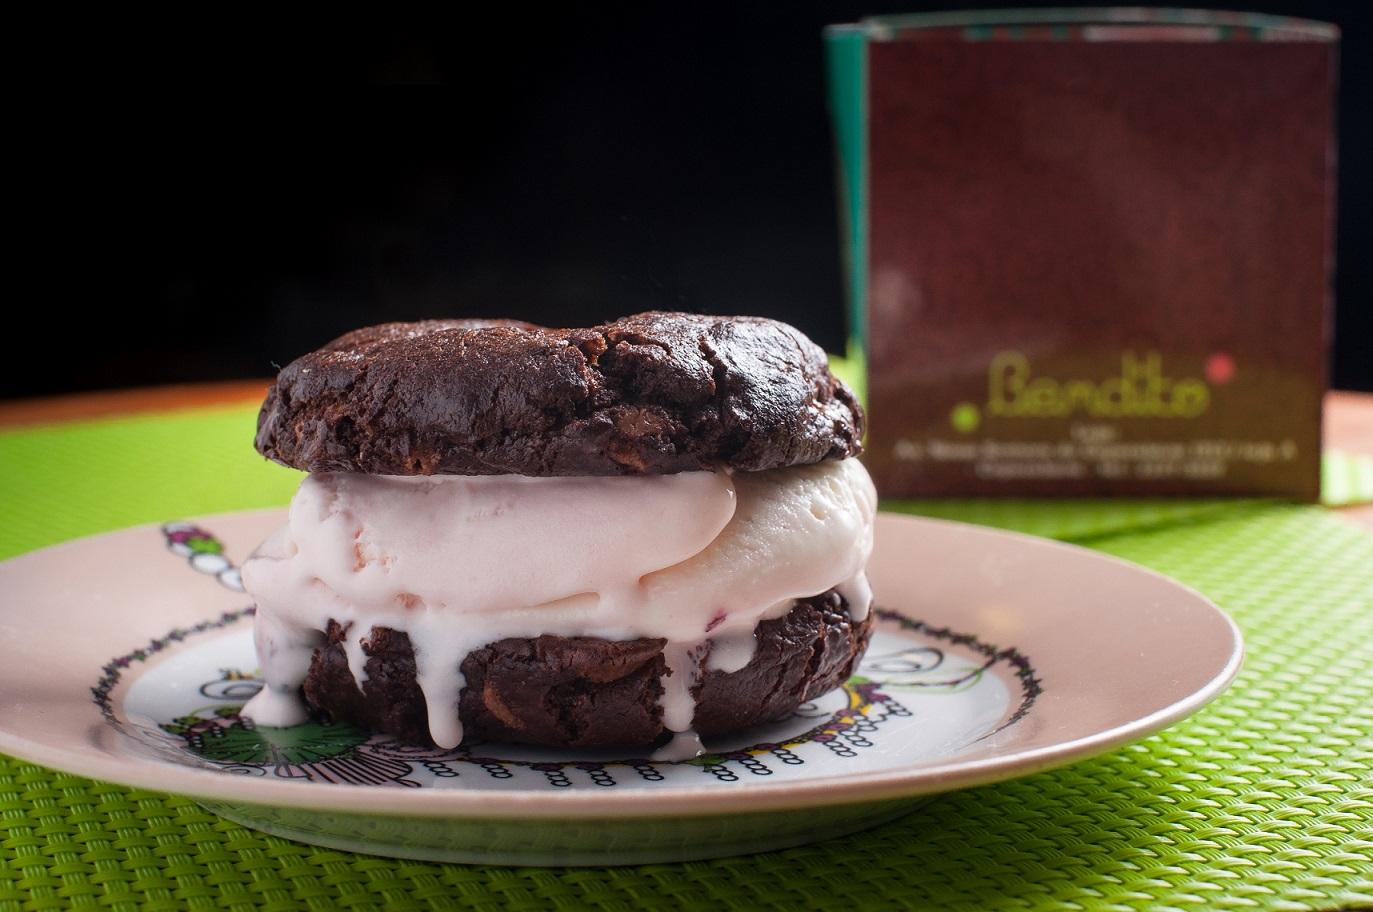 Sorete entre cookies da Bendito: dupla tentação